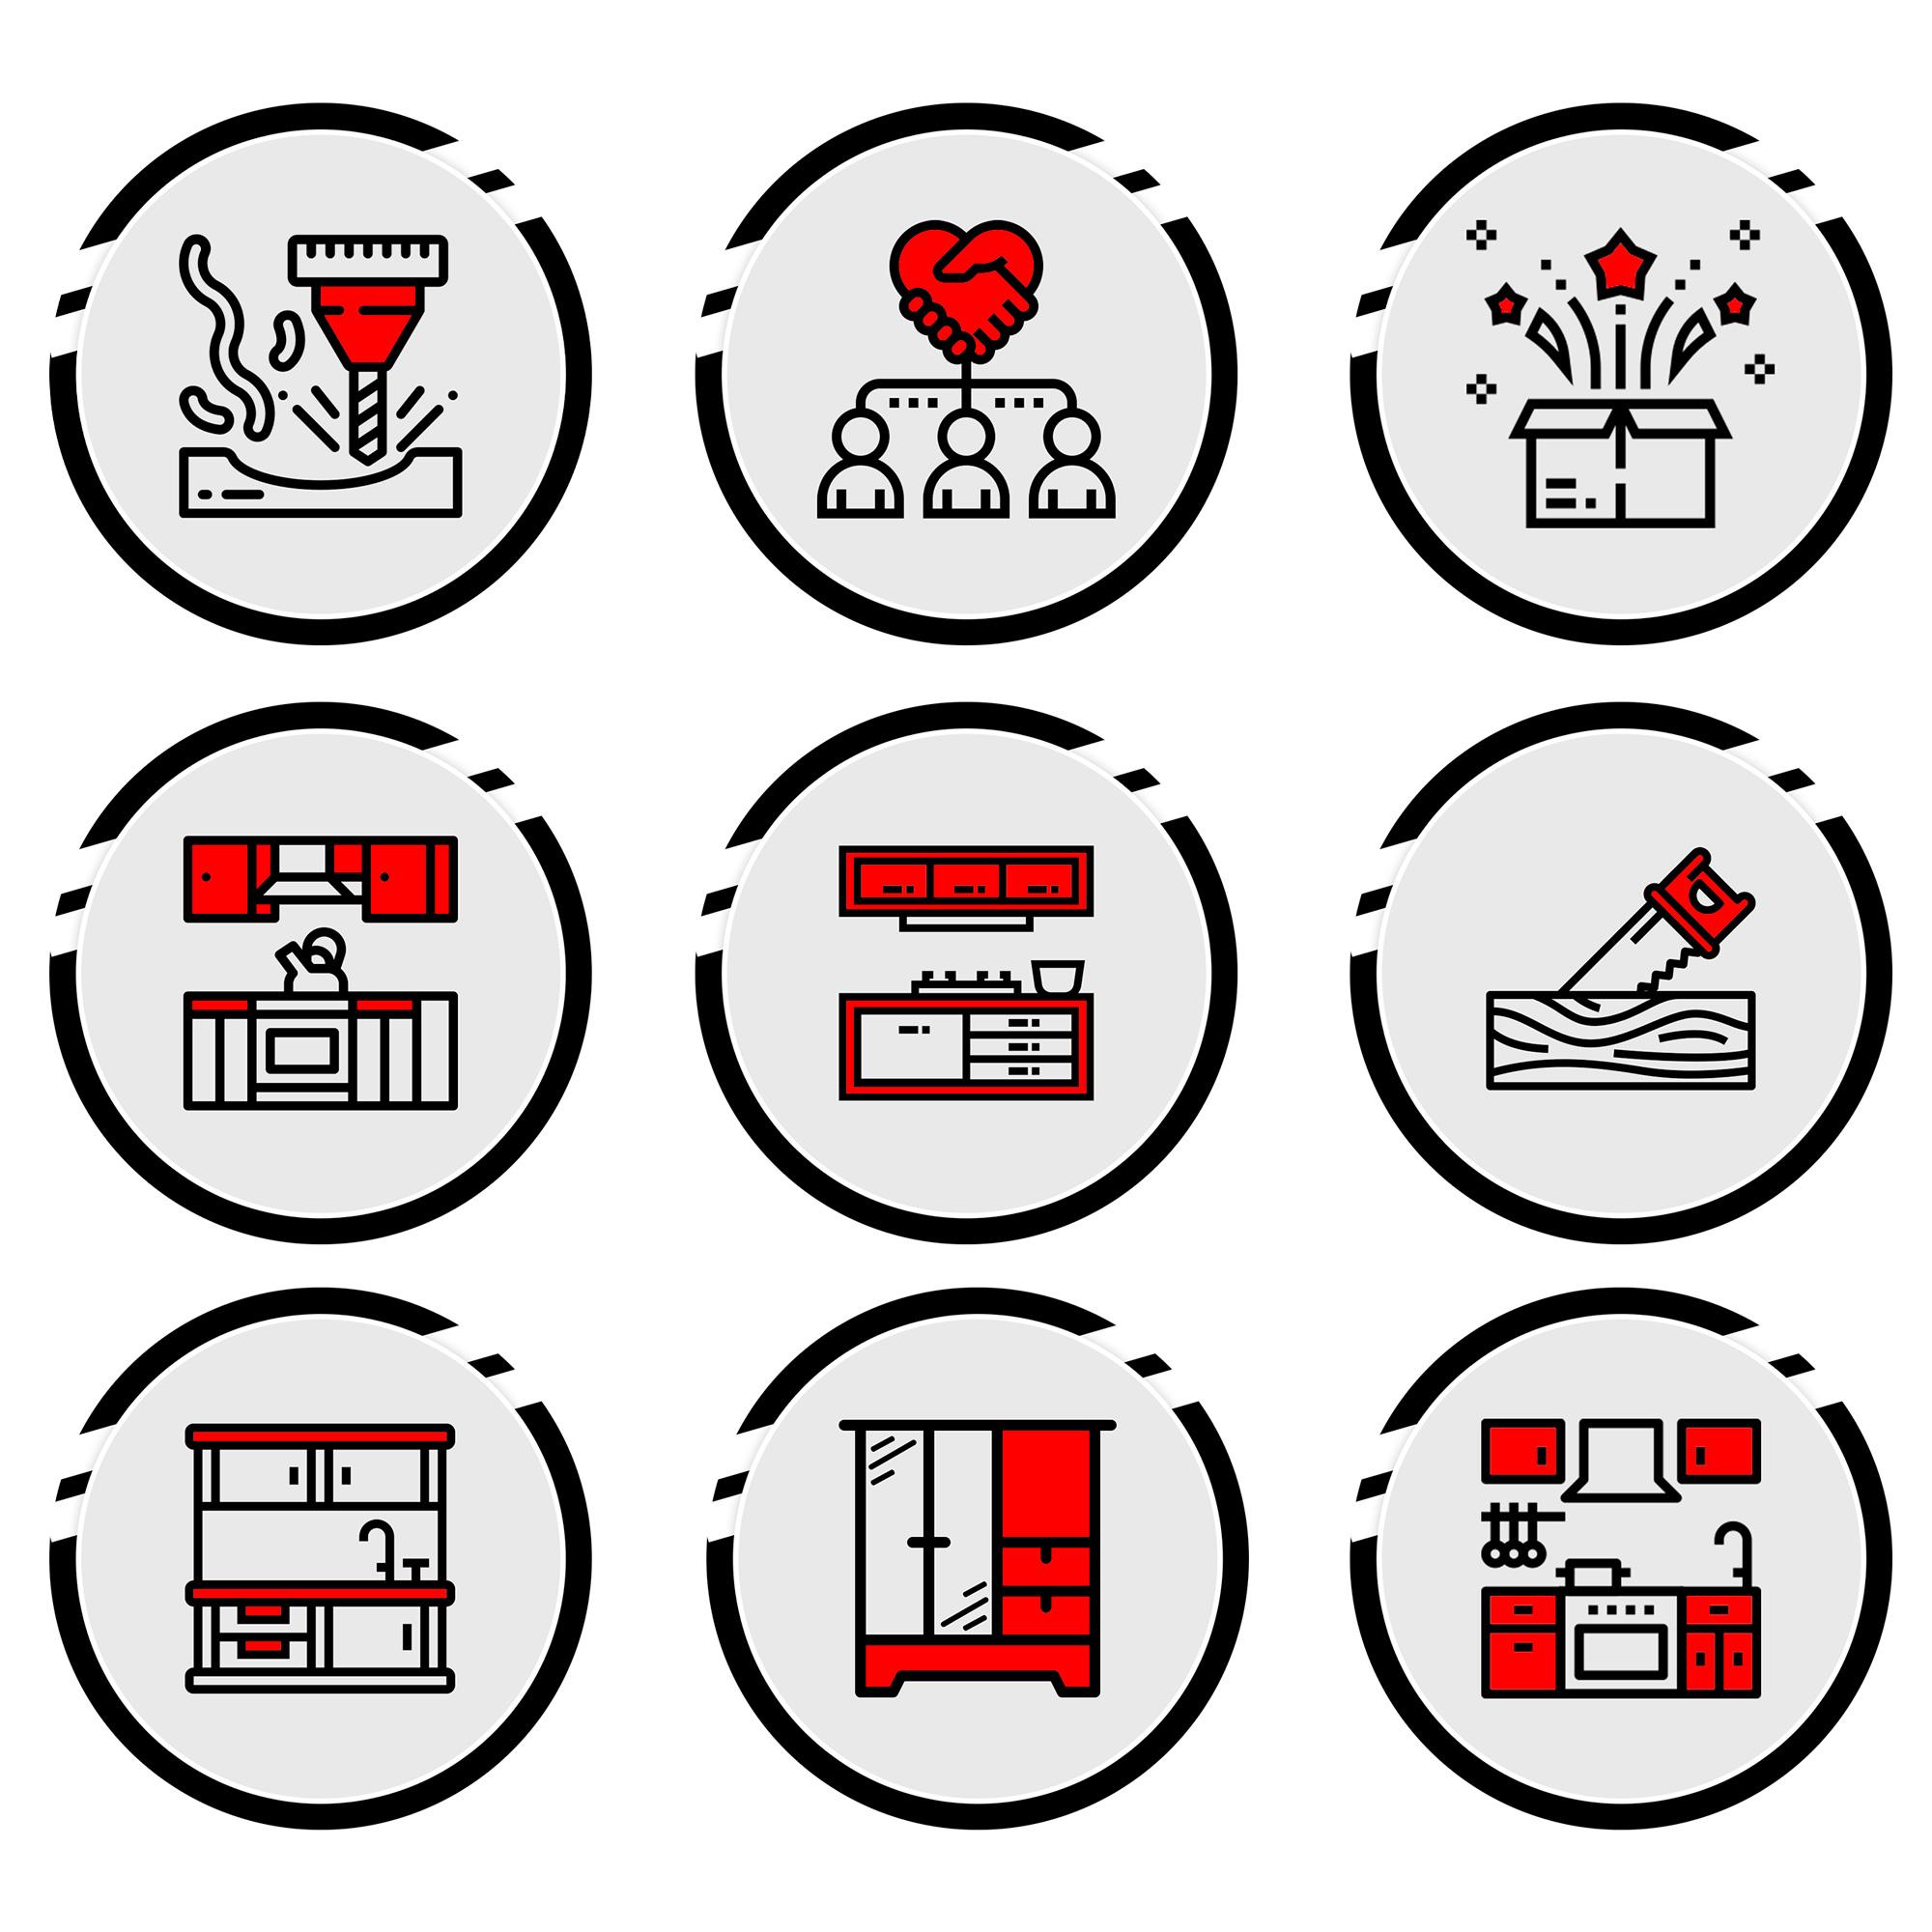 иконки в едином стиле для актуальных сторис инстаграм